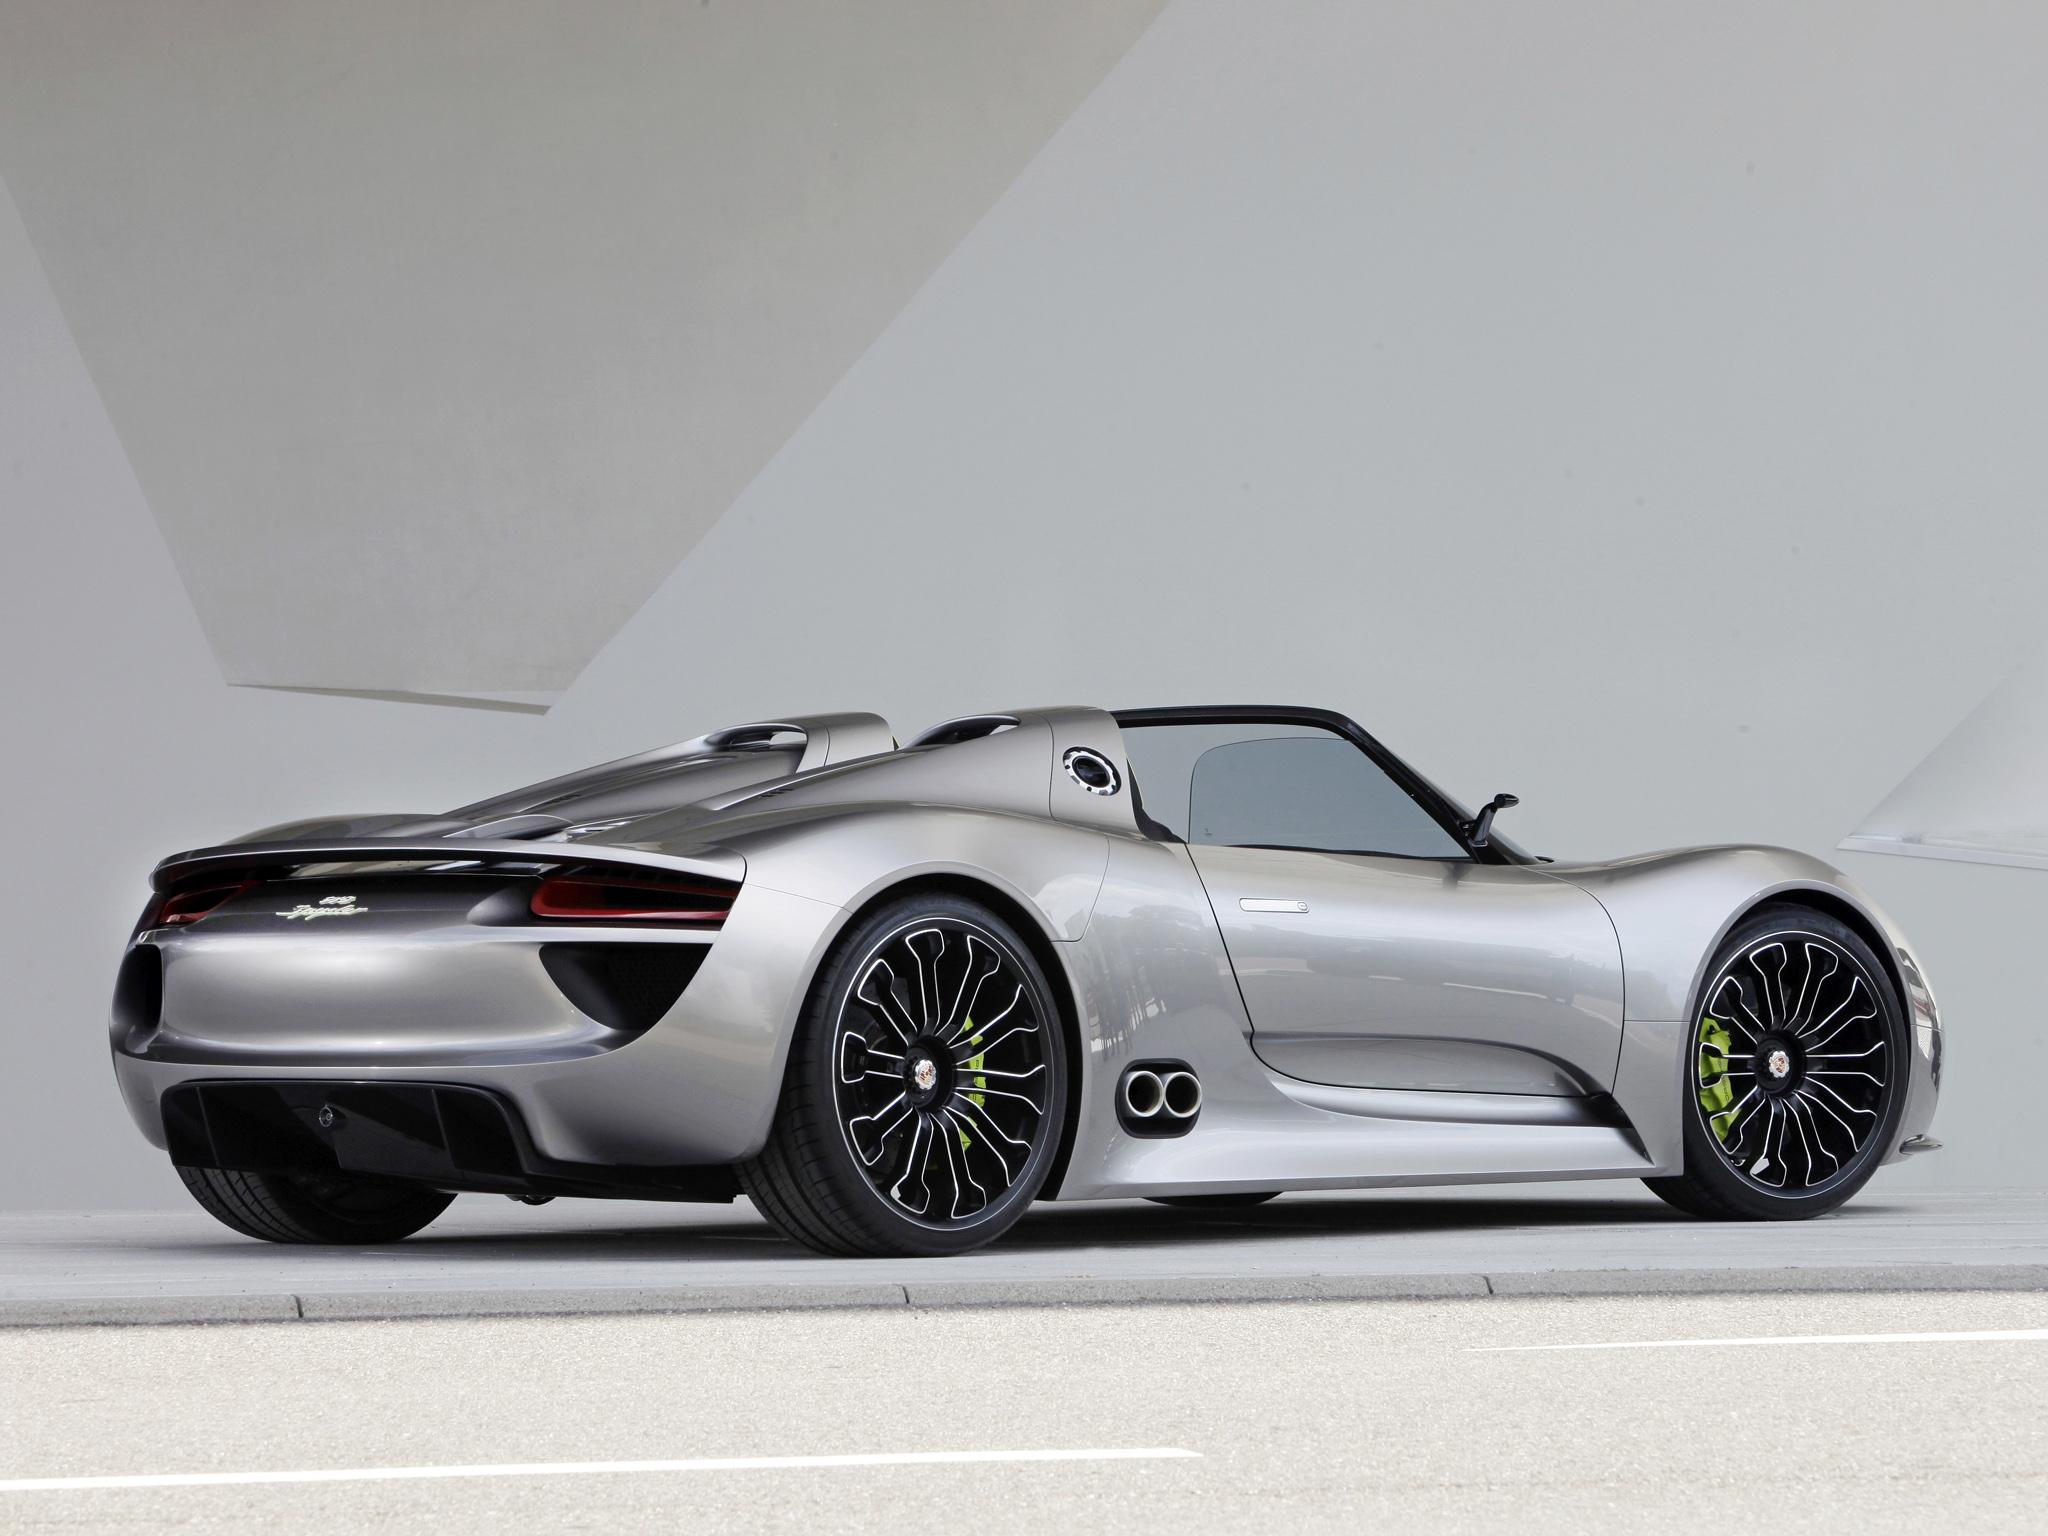 2010 Porsche 918 Spyder Concept Supercar Supercars Jd